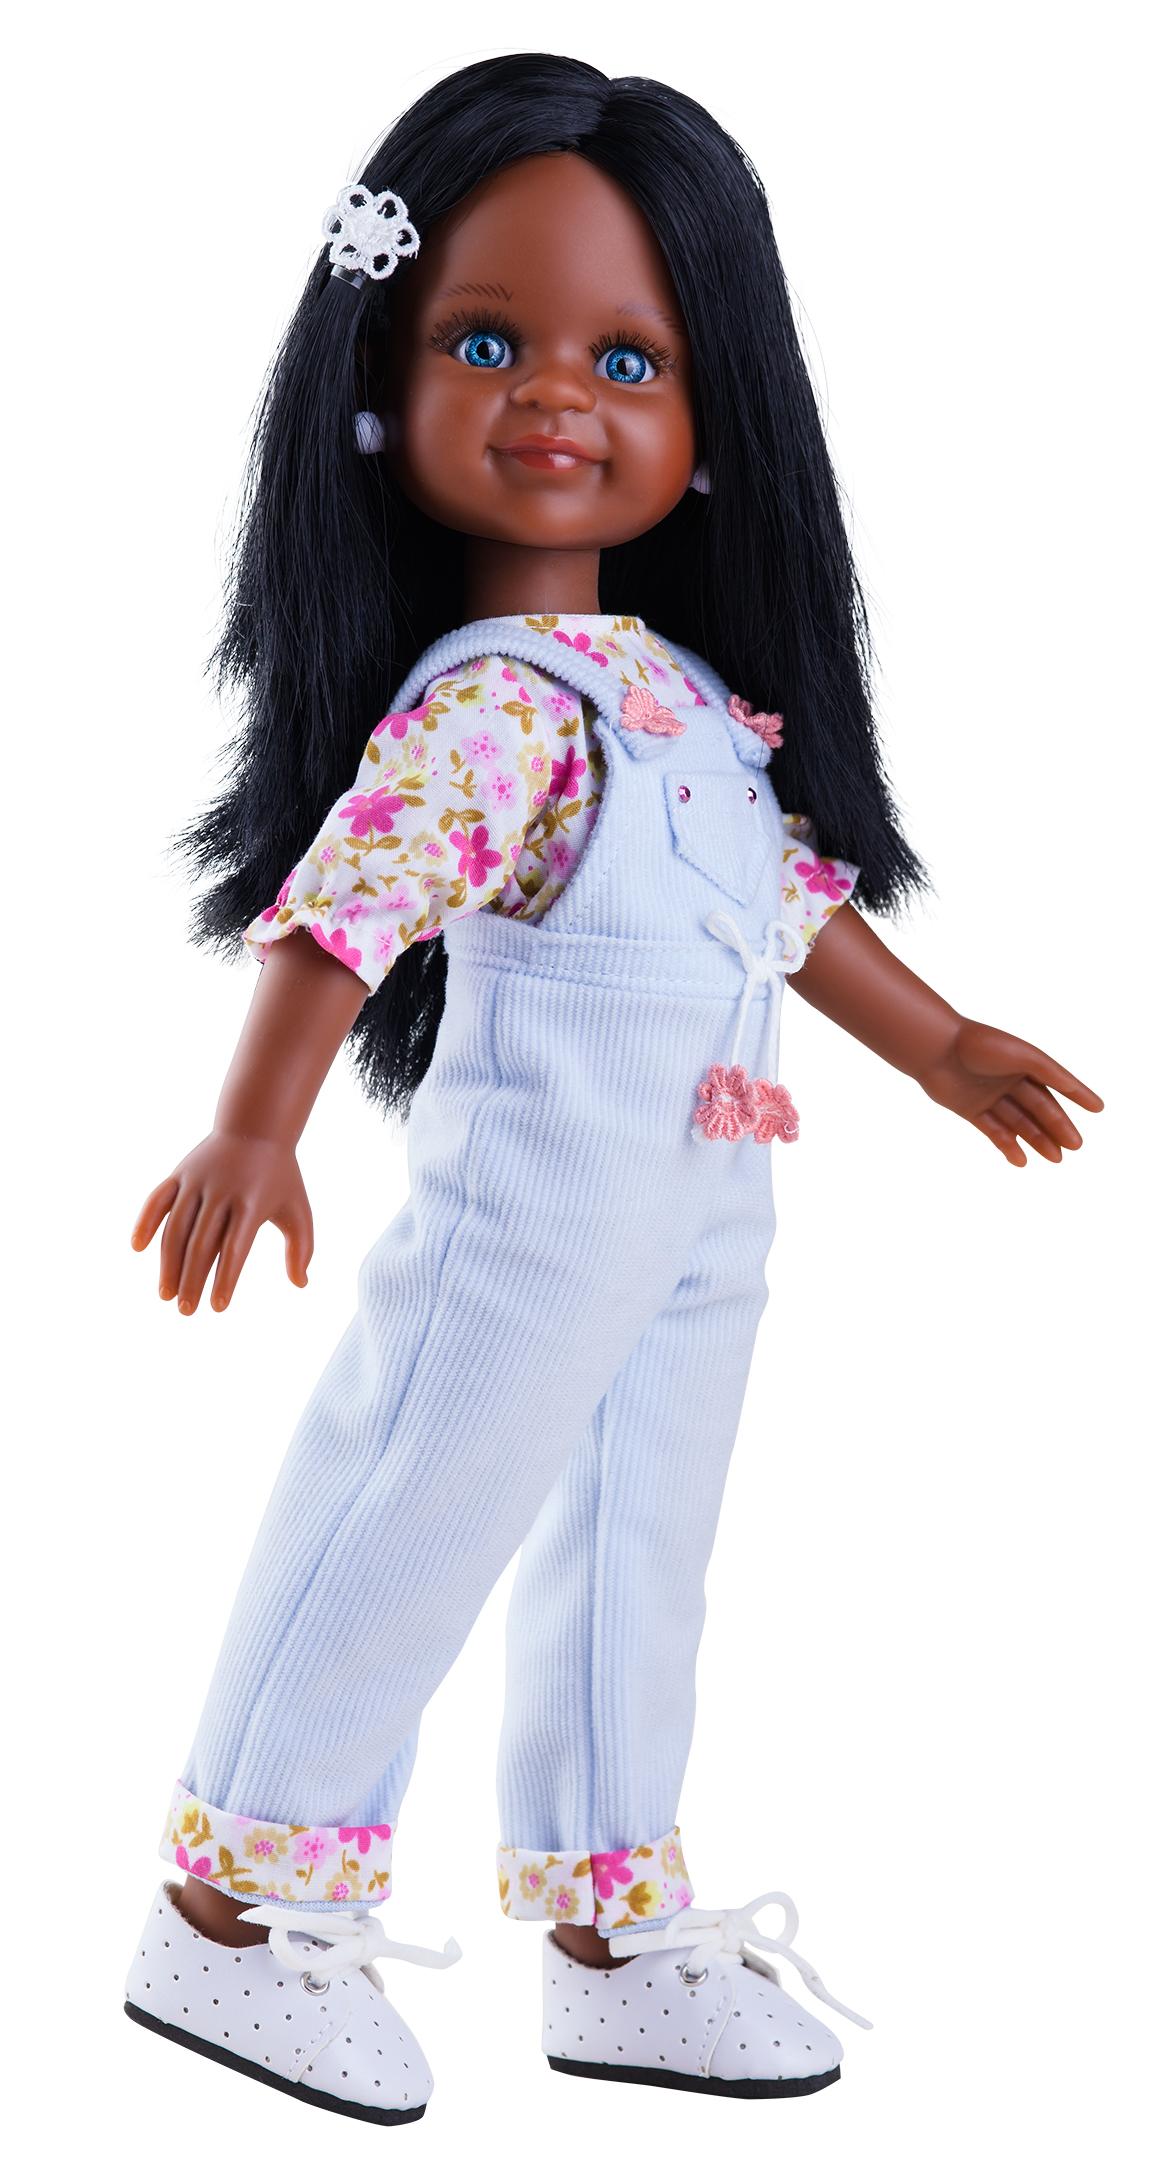 Realistická panenka Cleo africana od f. Paola Reina ze Španělska